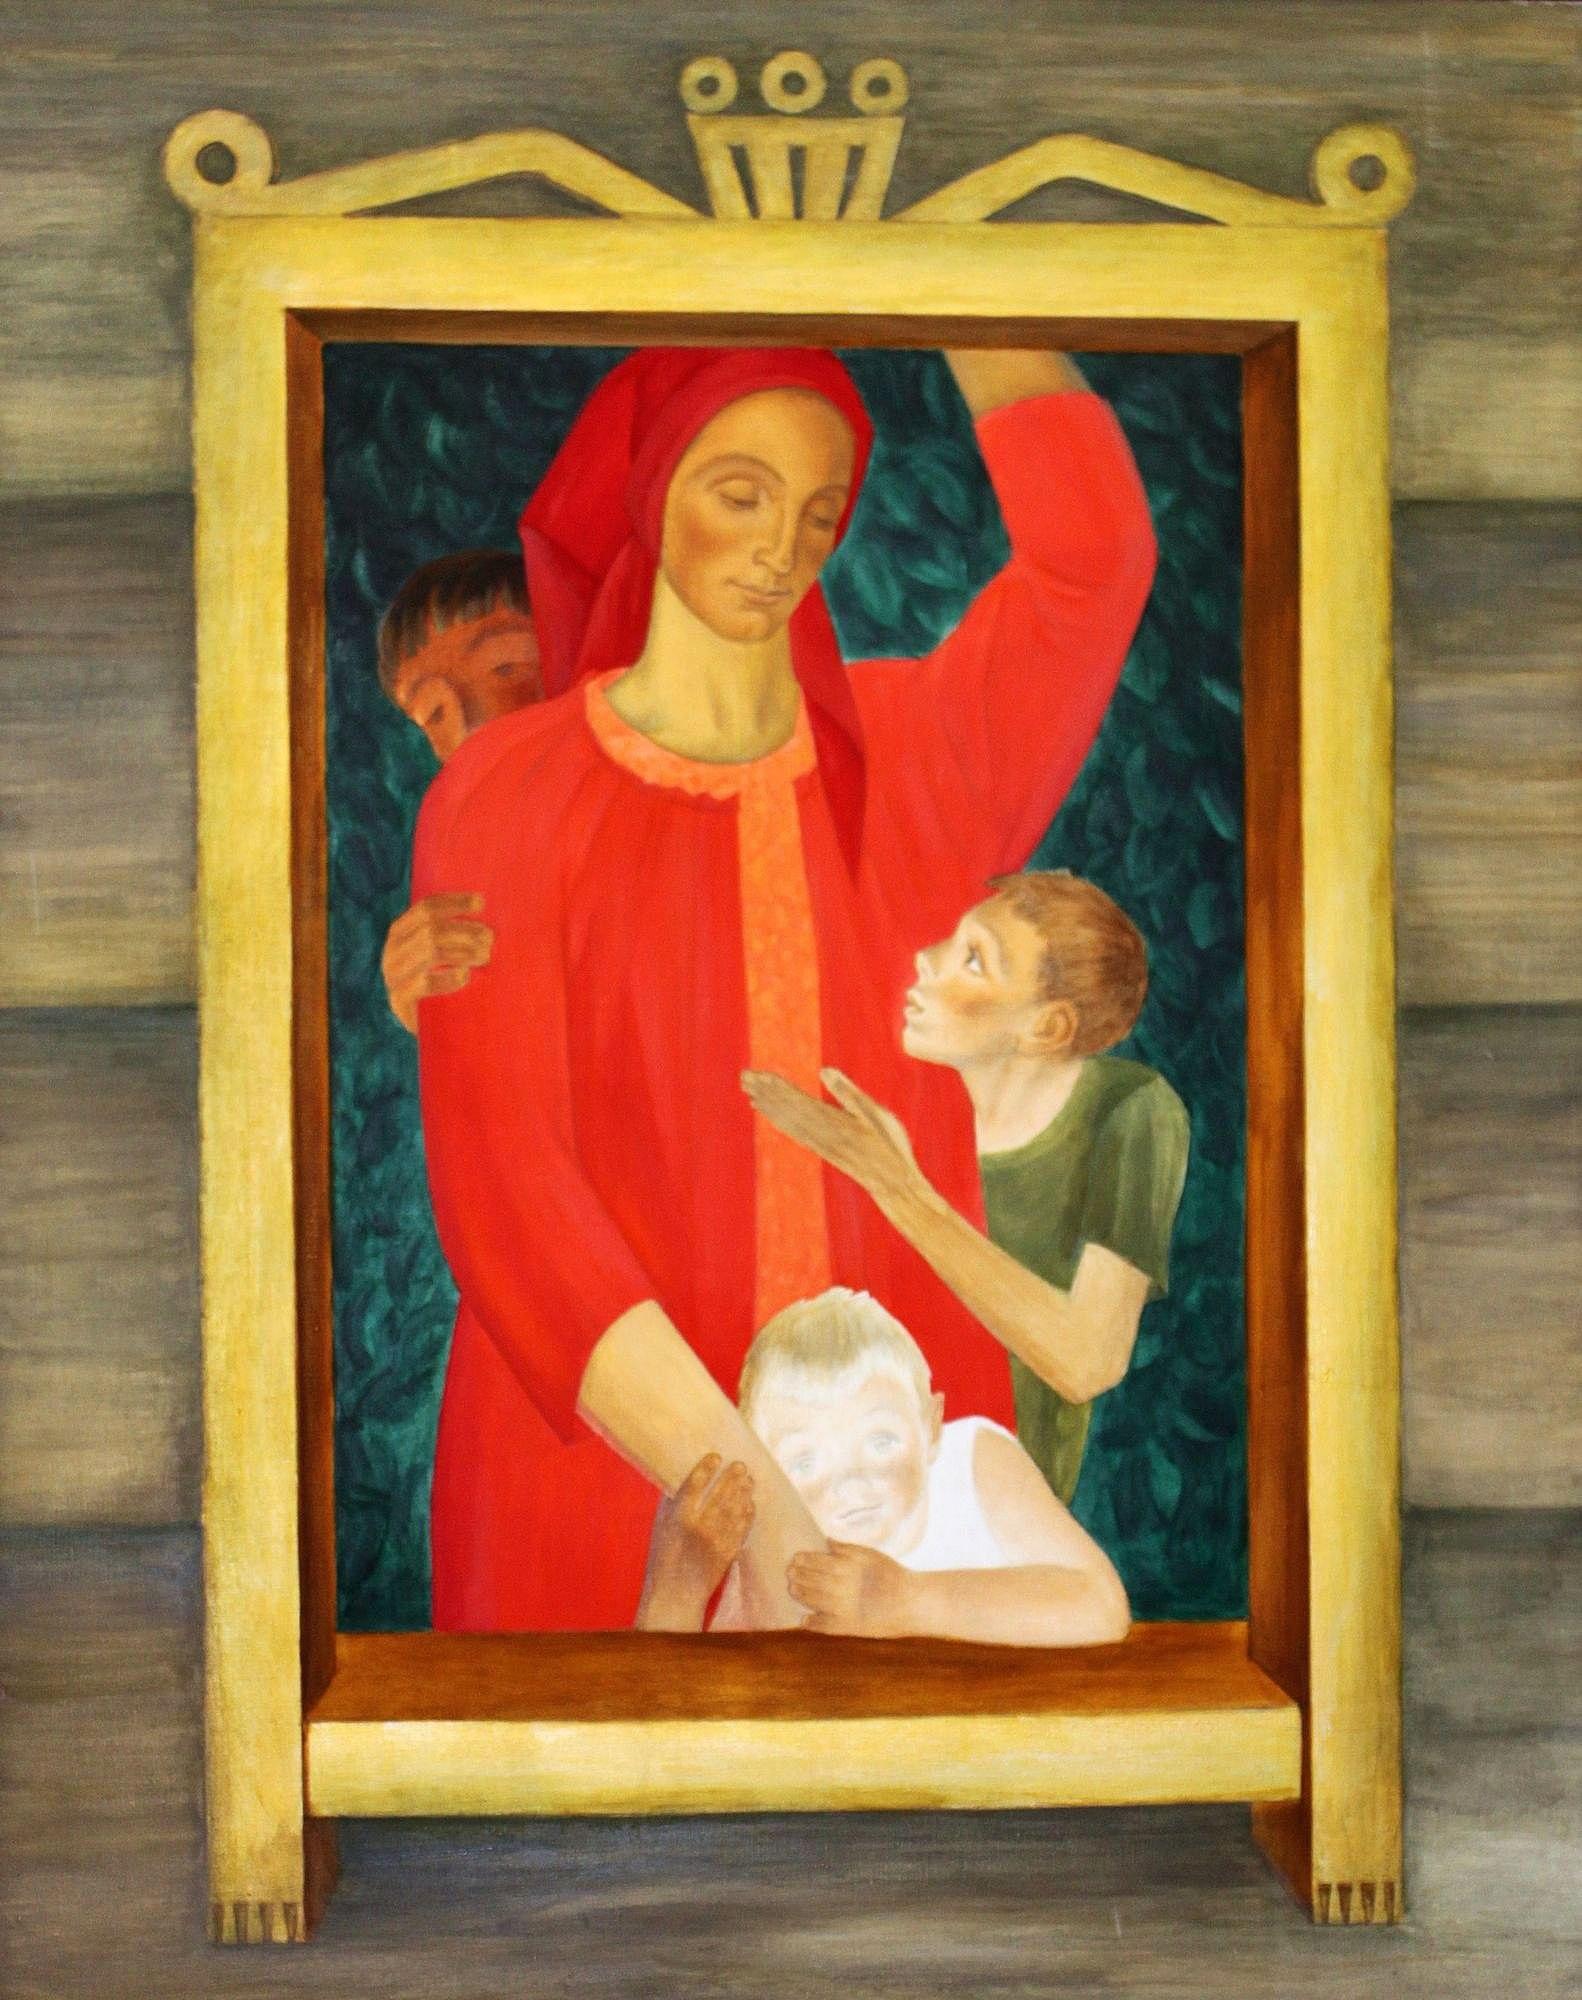 Джанна Тутунджан - Берегиня, 2001